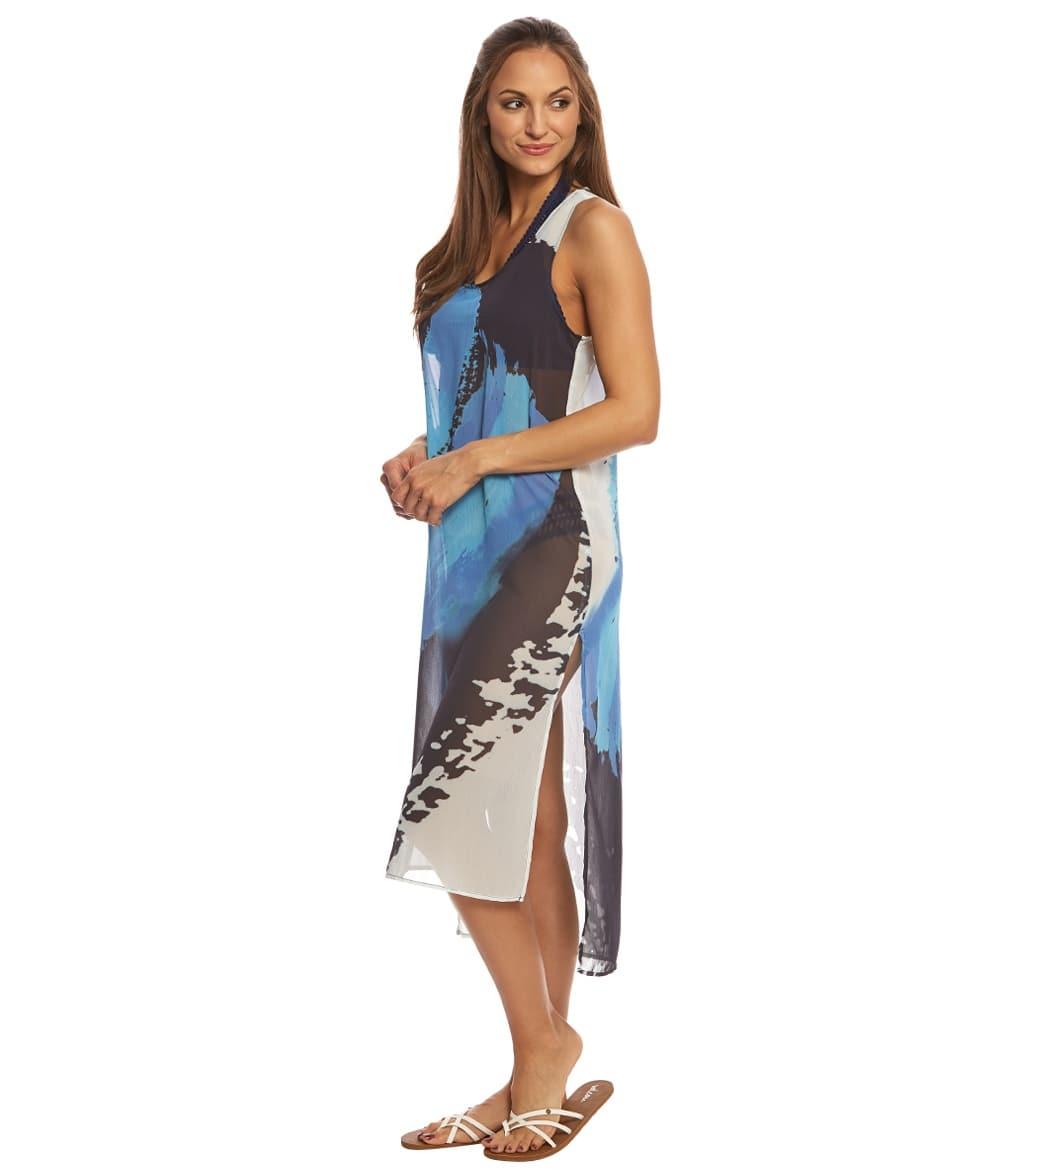 3b0dcb8360617 Rappi Brush Stroke Tank Dress at SwimOutlet.com - Free Shipping